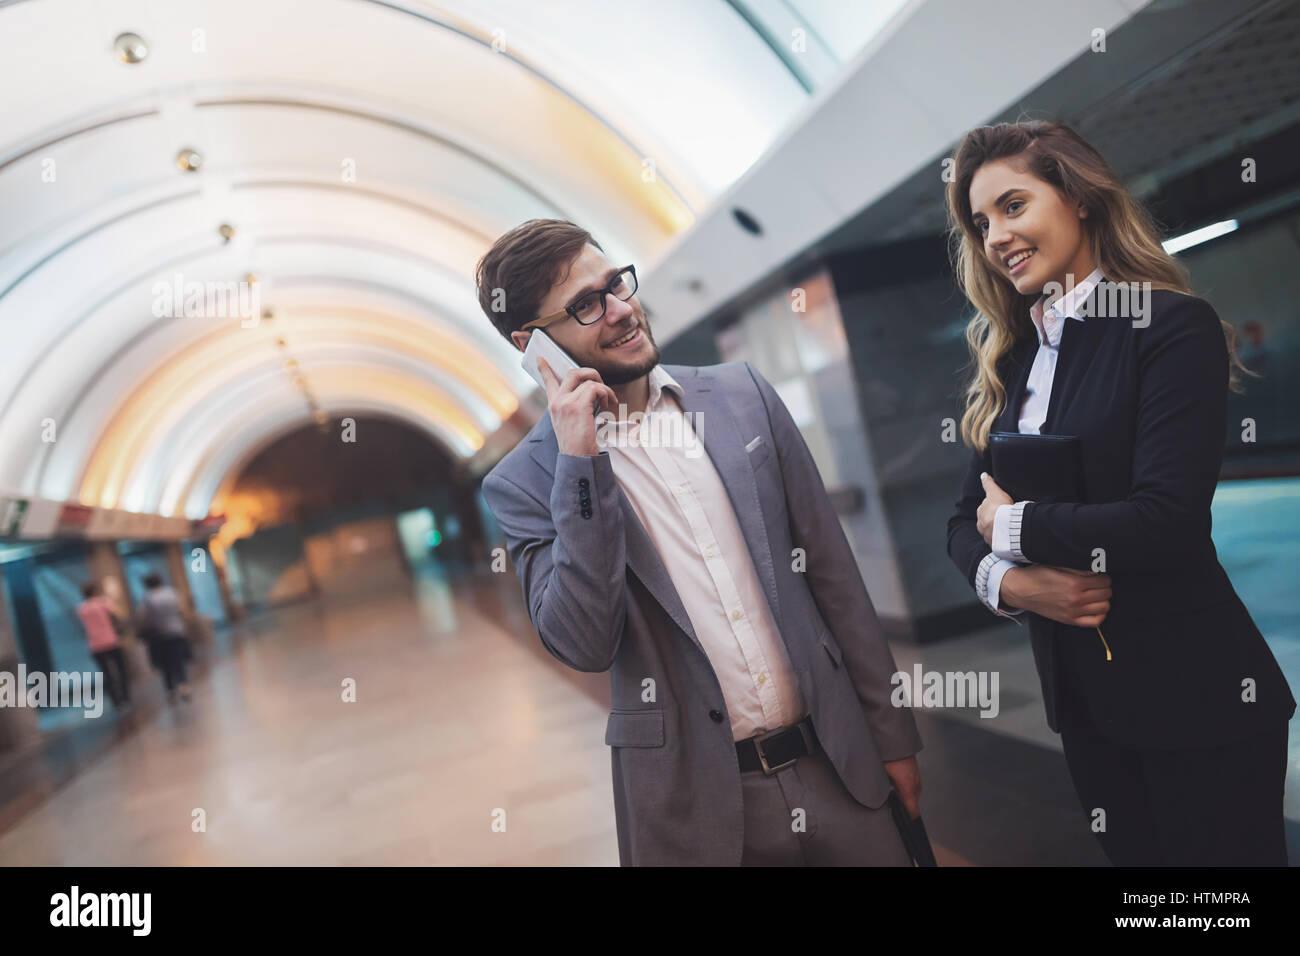 Gente de negocios esperando transporte metro subterráneo Imagen De Stock